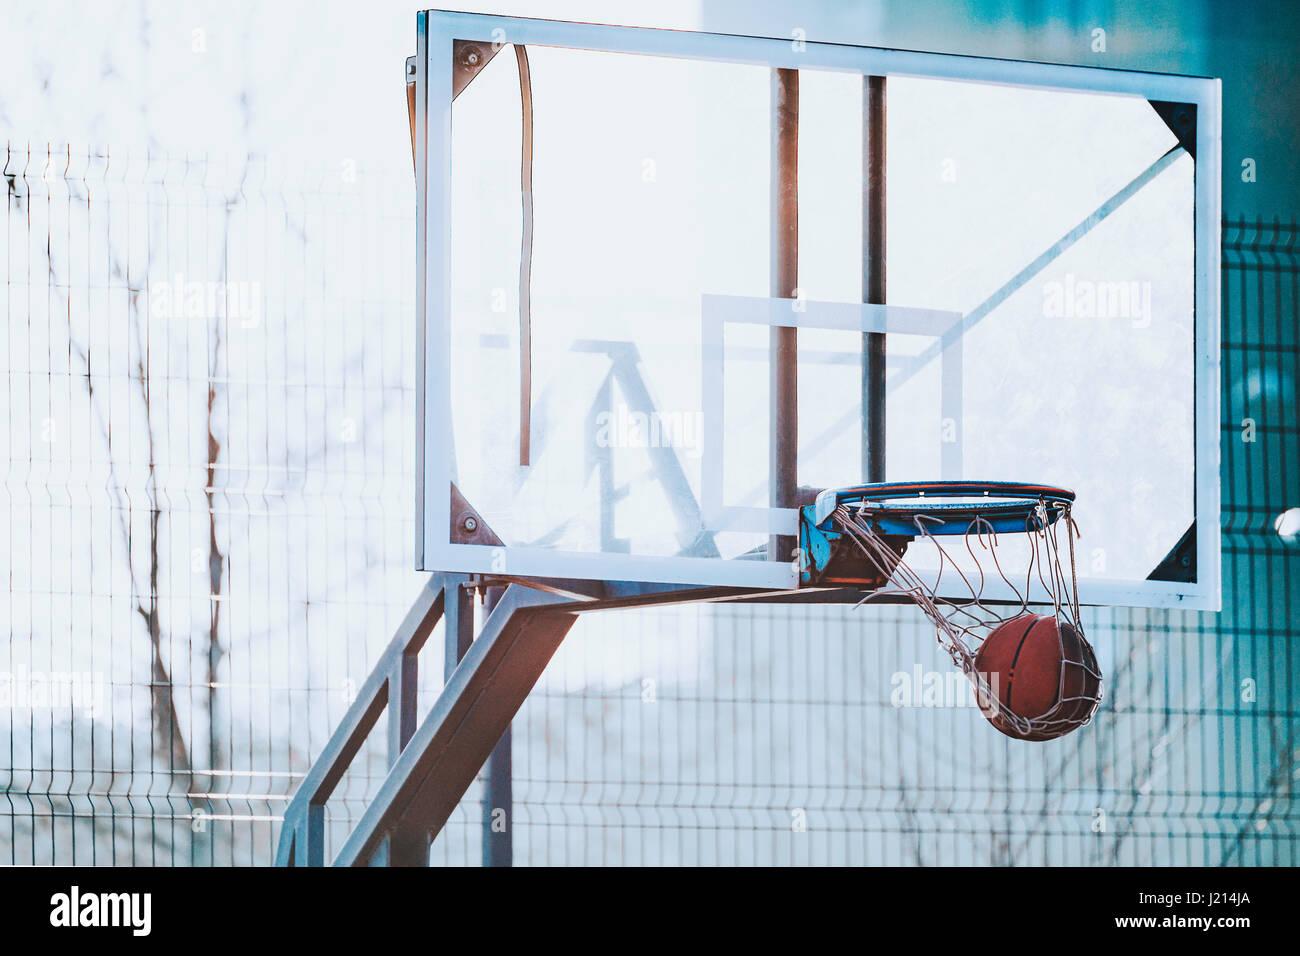 Hintergrundbild der Basketballplatz Spielplatz im freien Stockbild